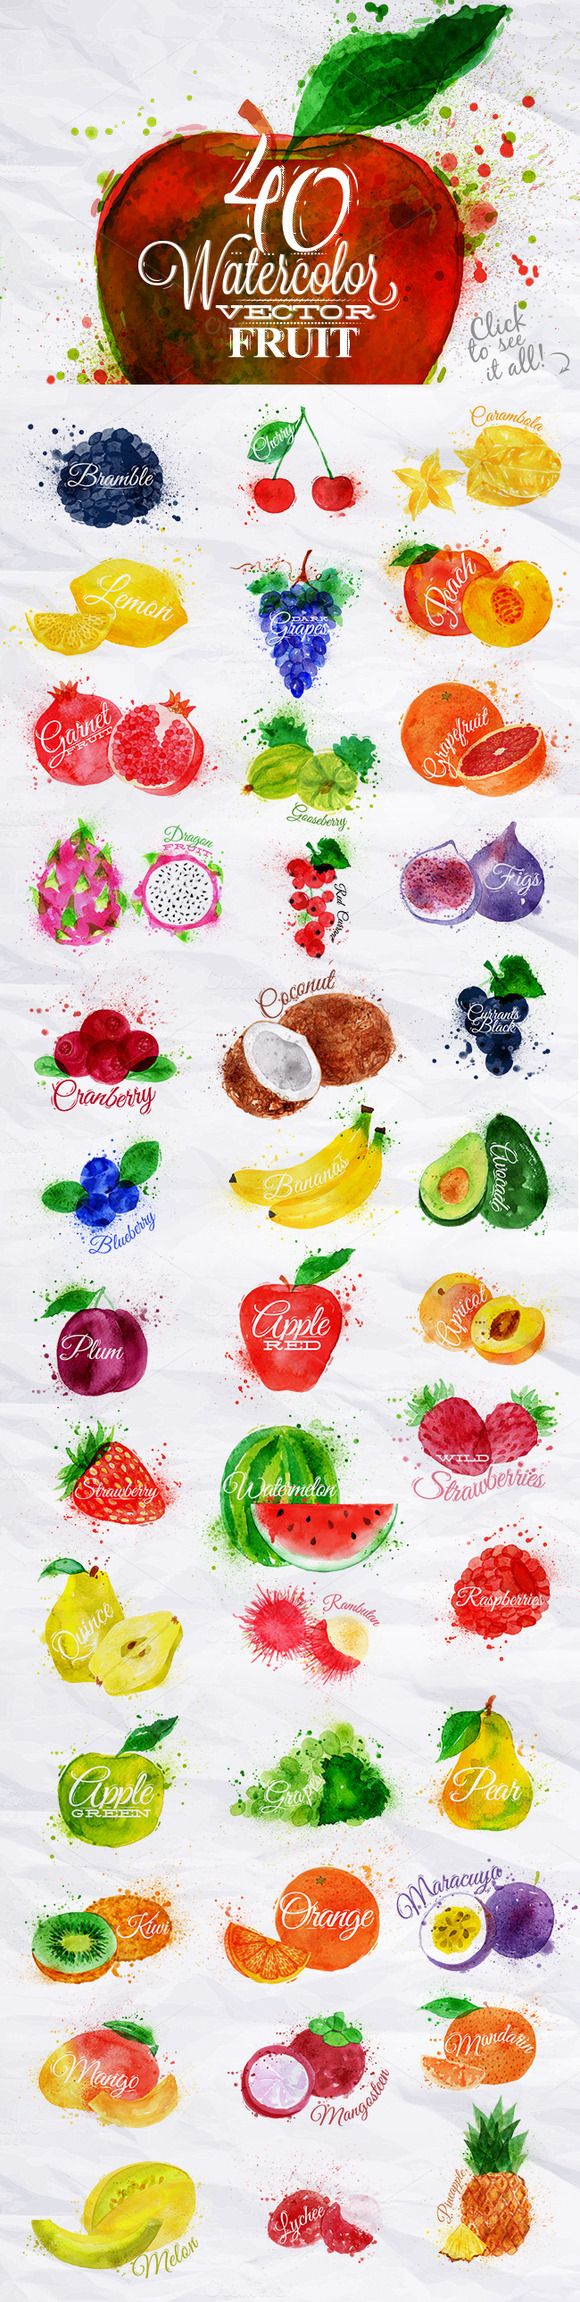 Obst mit Wasserfarben gezeichnet